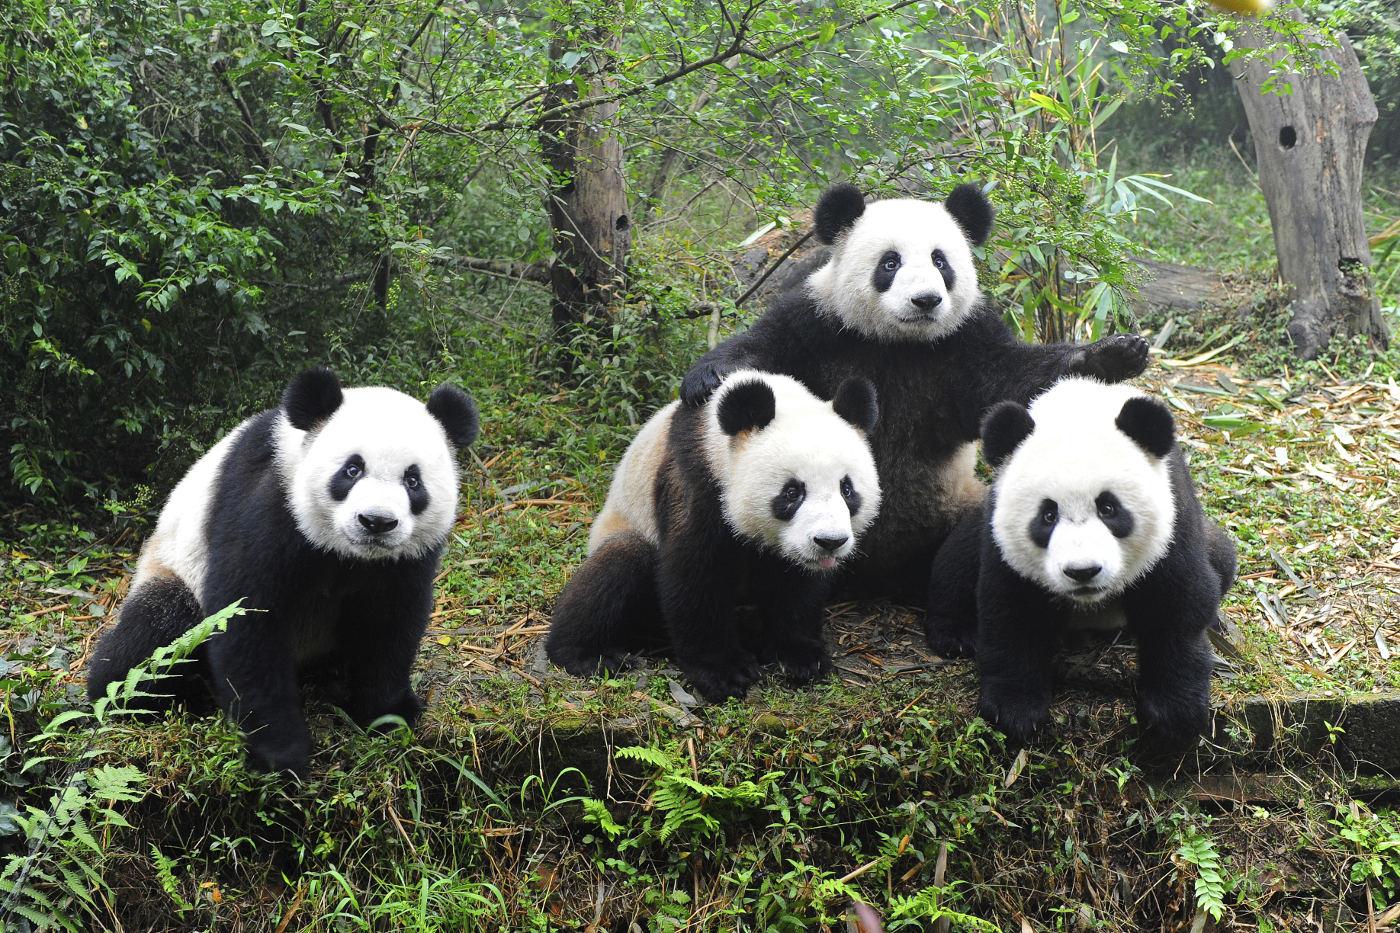 Vier Pandas posieren für die Kamera - durch Artenschutz hat sich die Zahl der Pandas wieder stabilisiert